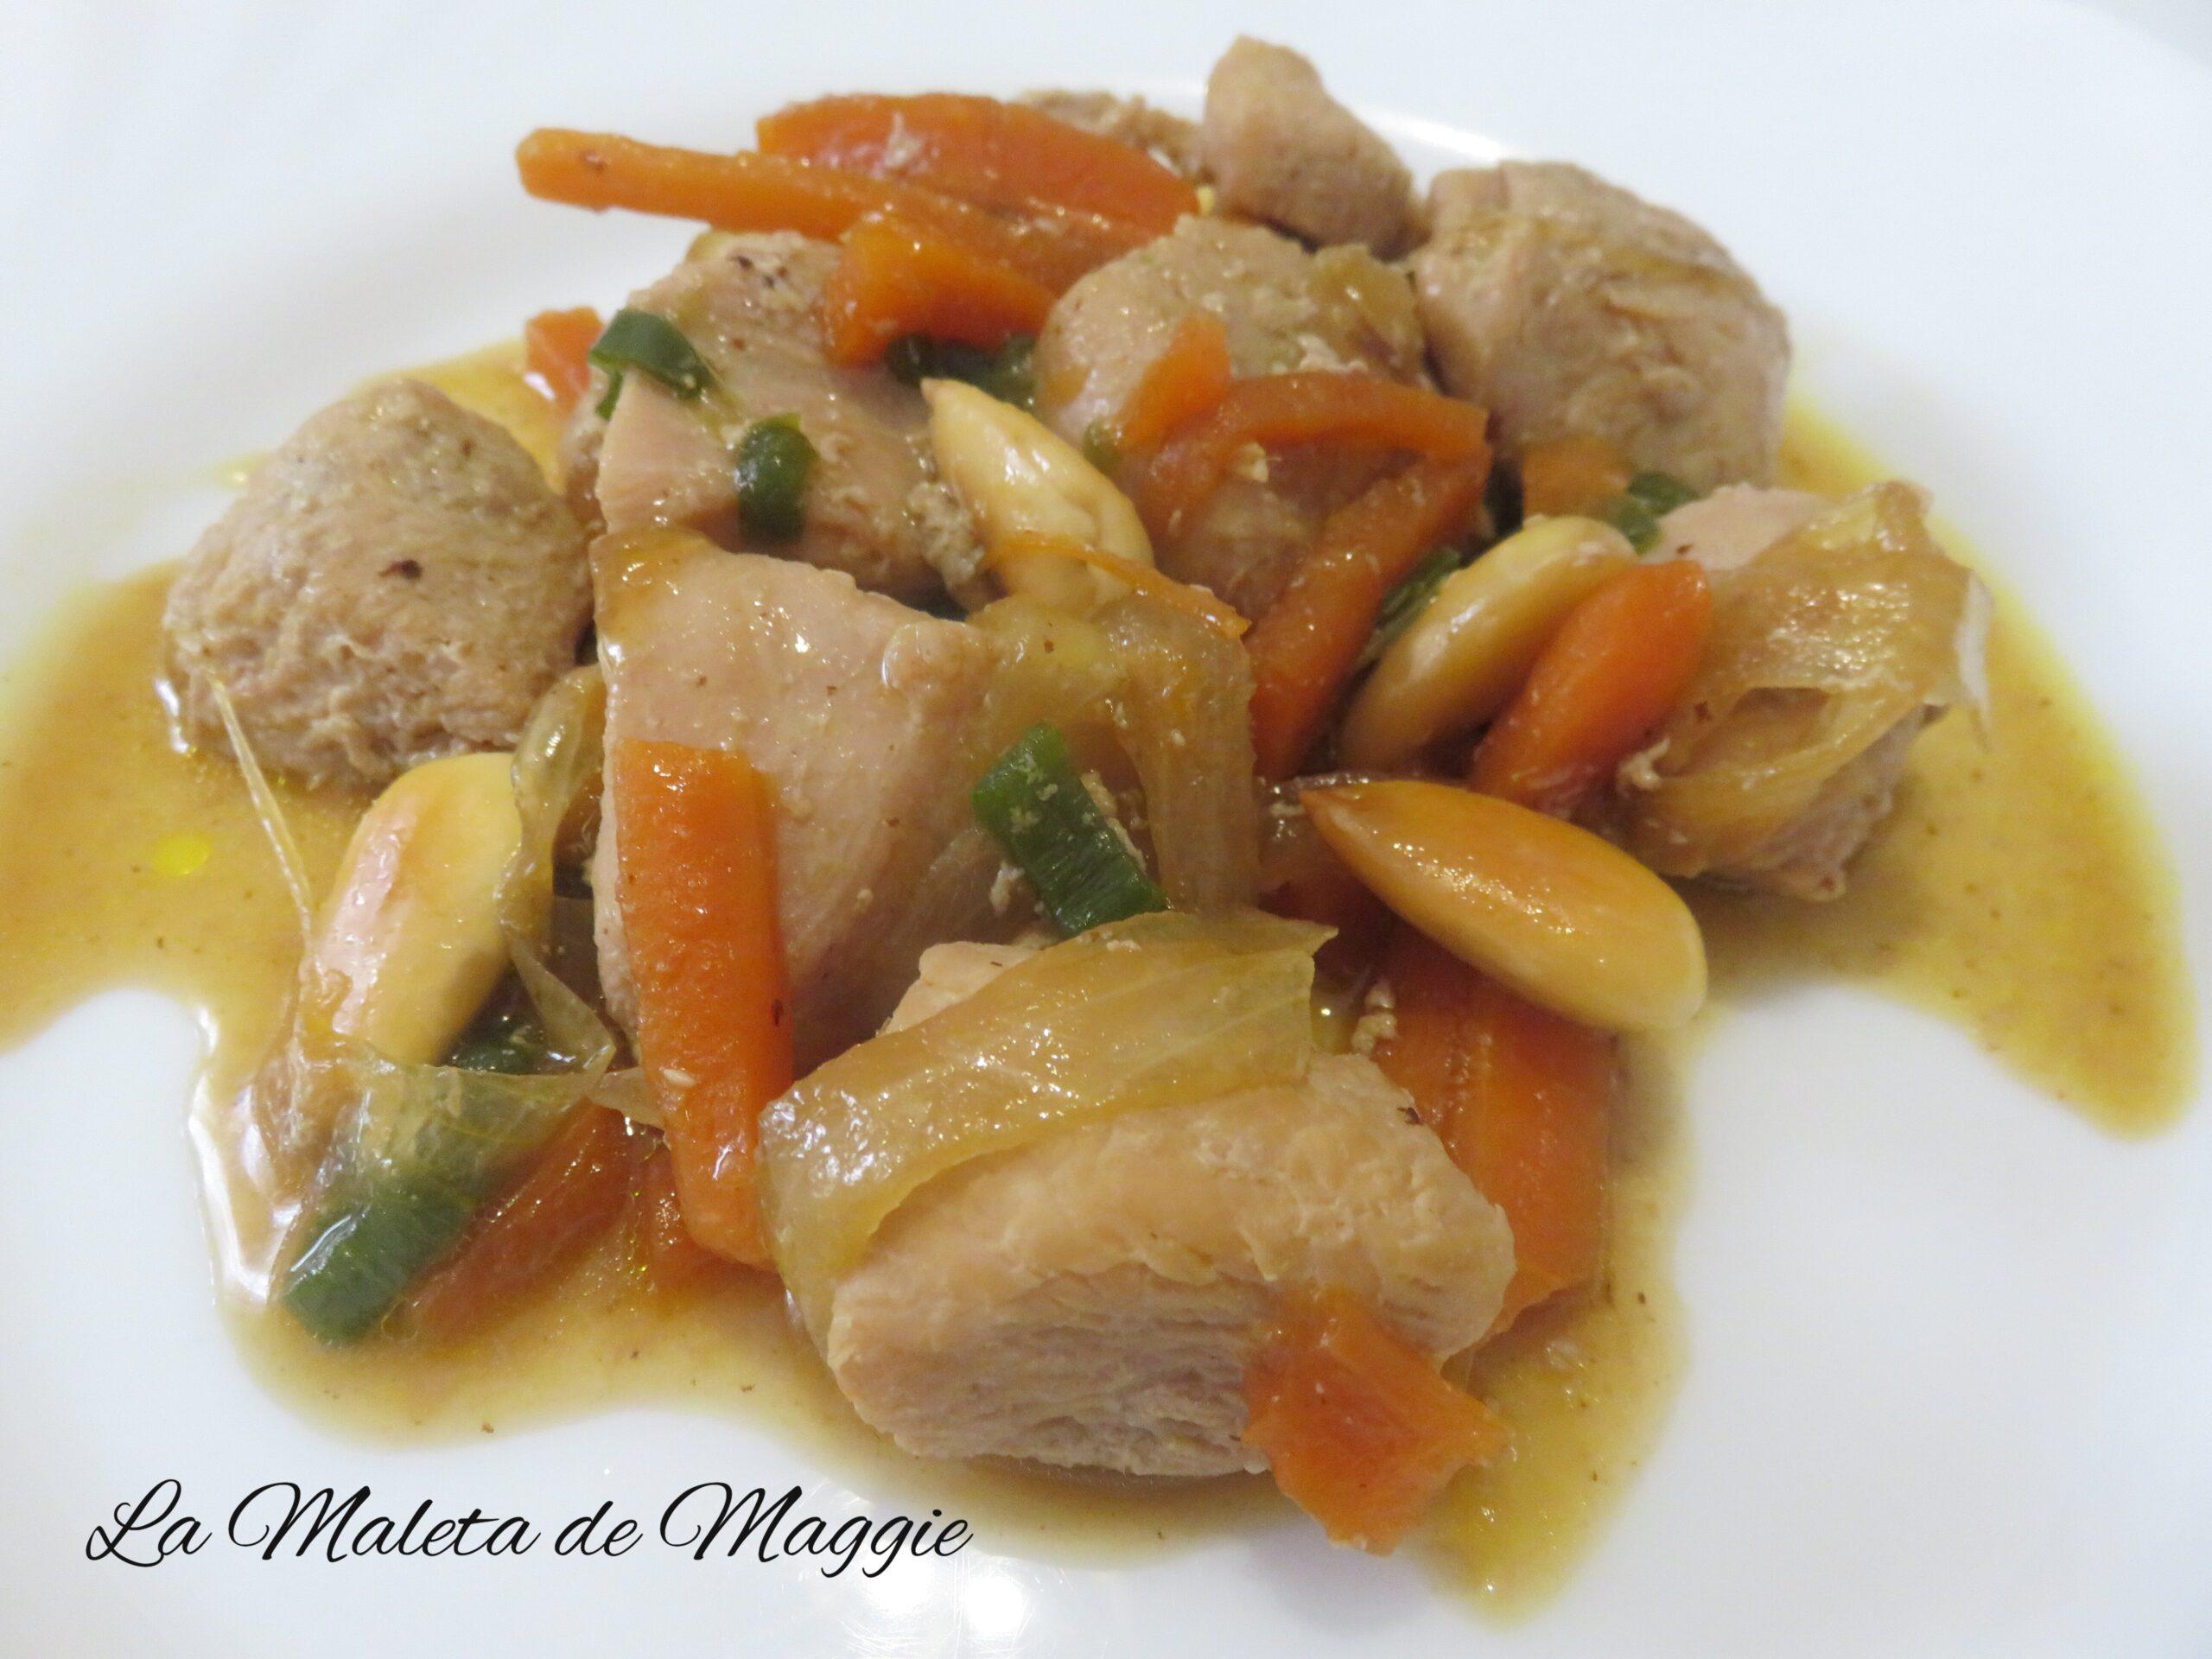 ¿Cómo preparar pollo en salsPollo en salsa de almendras